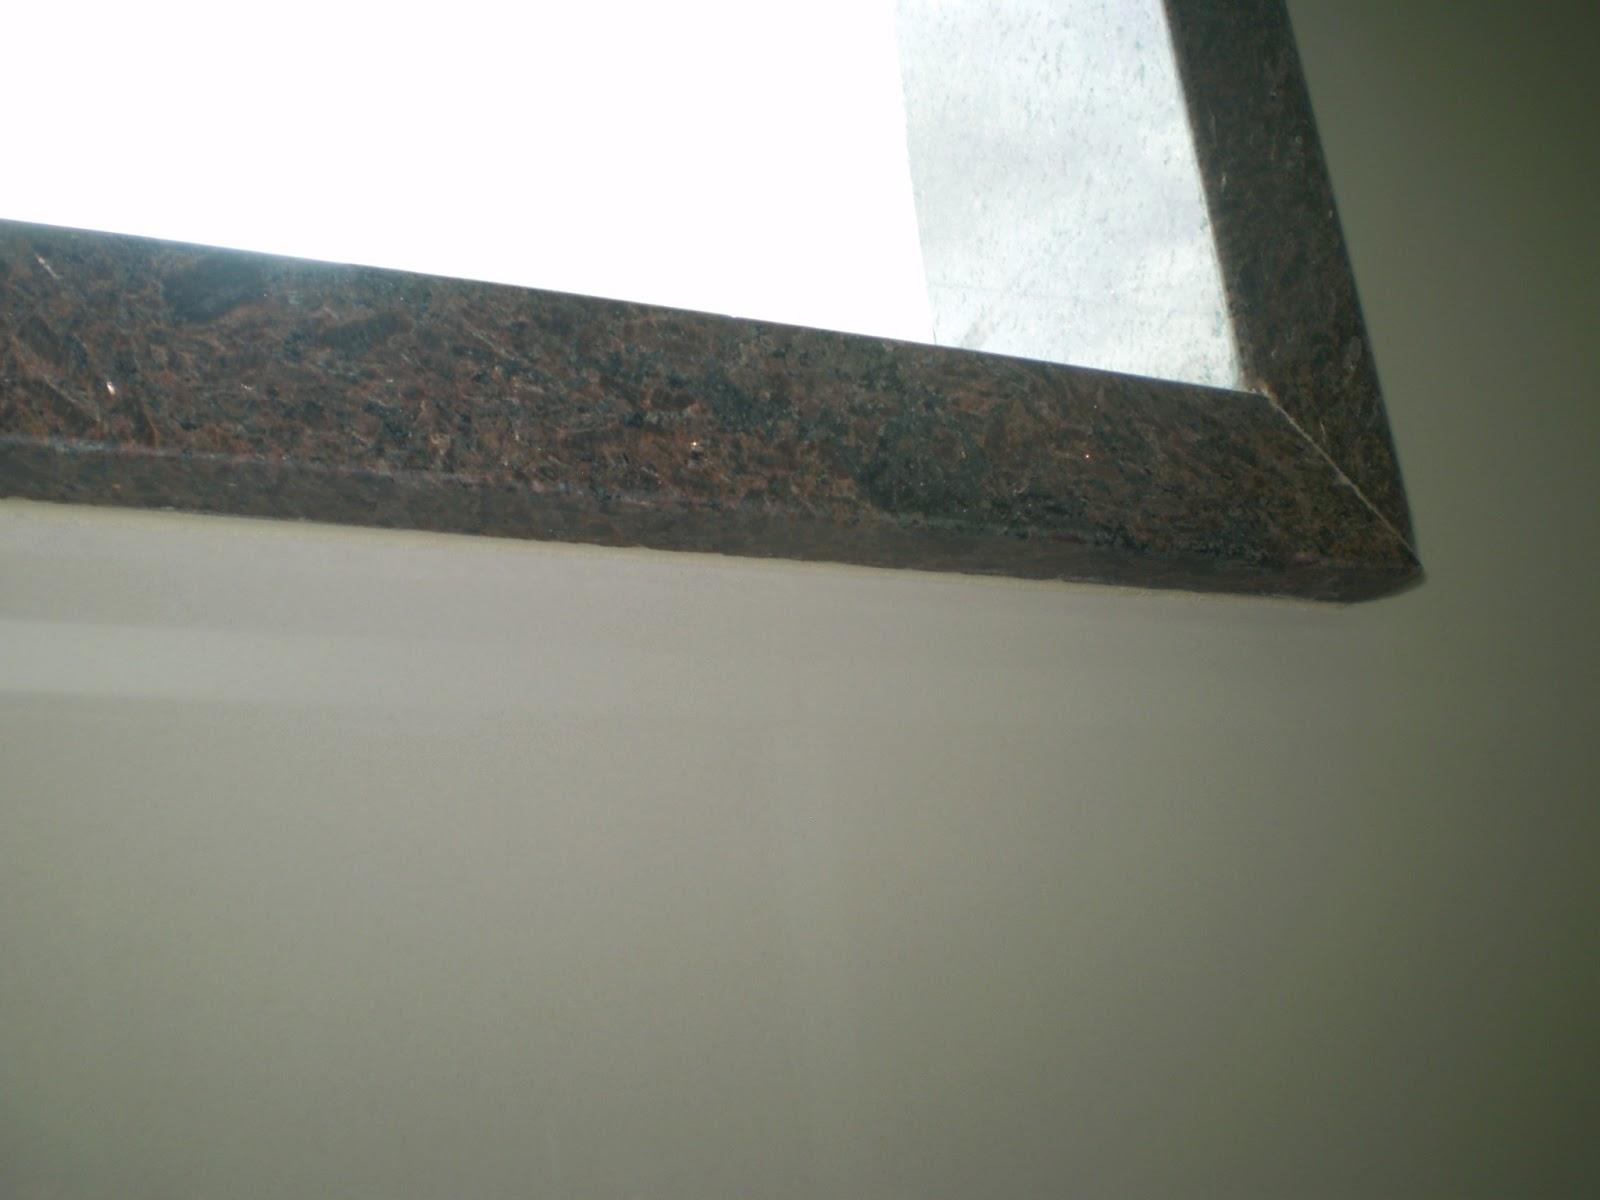 Olhem como dá um acabamento perfeito na beiradinha da janela. E não  #516C7A 1600x1200 Acabamento Janela Banheiro